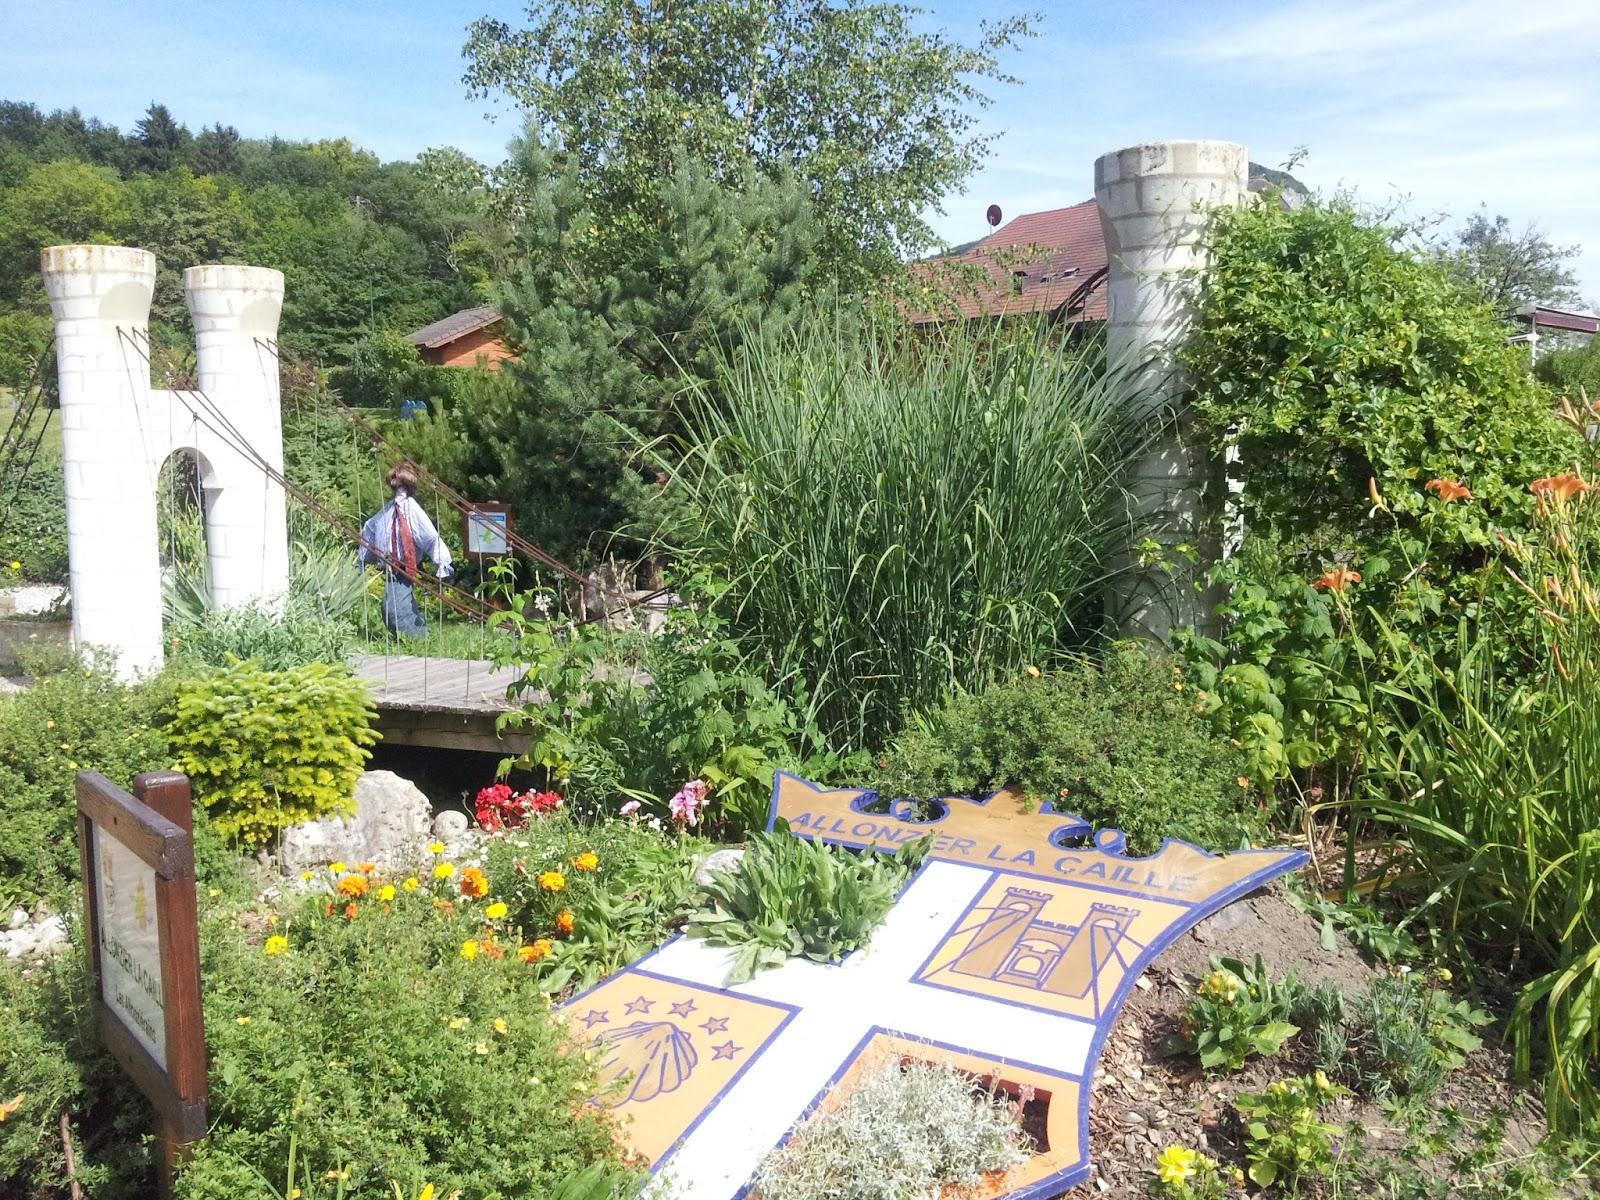 Les petites croix de haute savoie les jardins de haute savoie for Cloture de jardin haute savoie